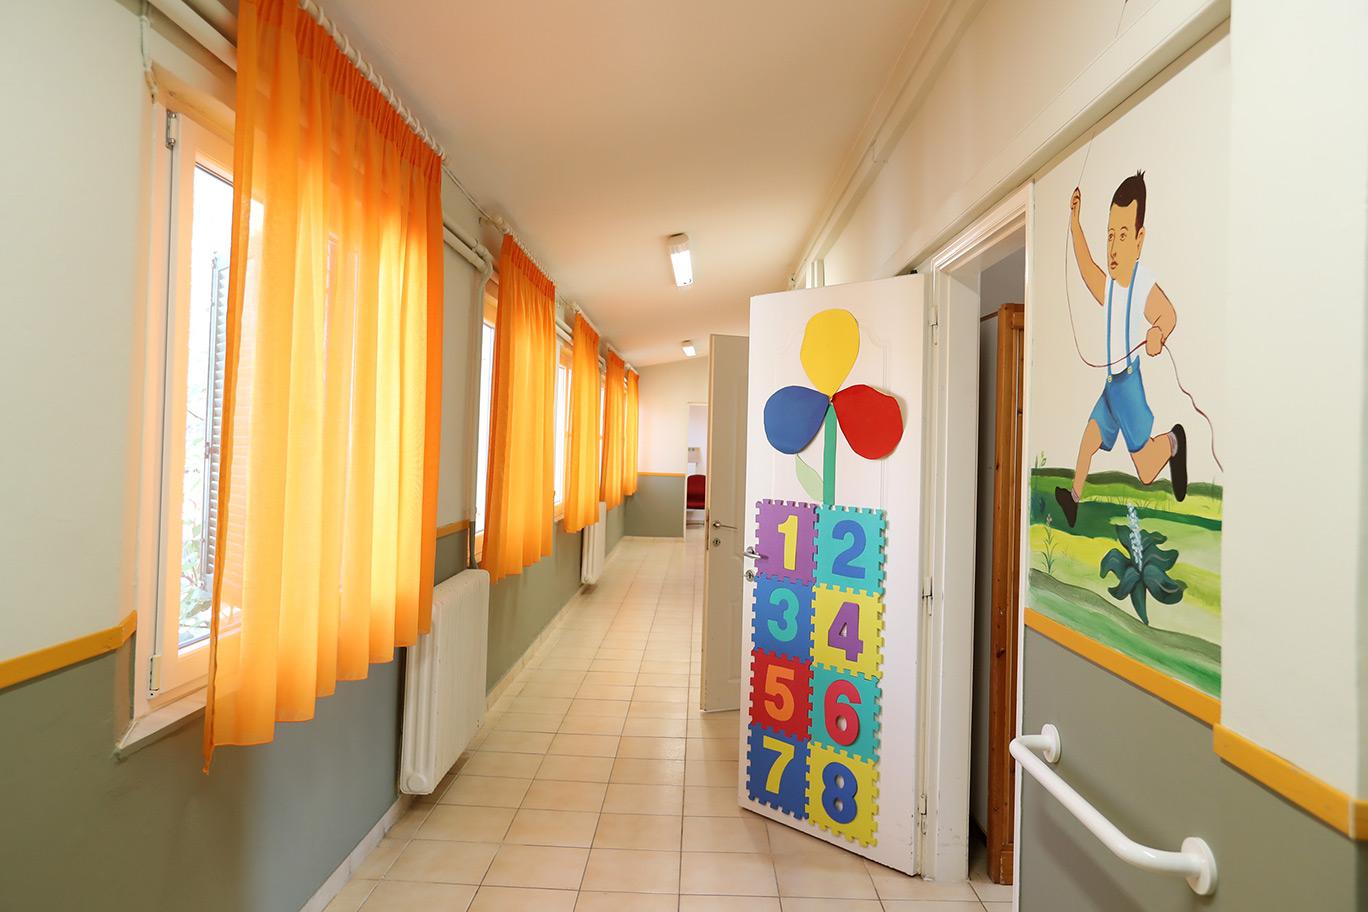 Ανακαινίστηκε το Ειδικό Σχολείο της Αγριάς